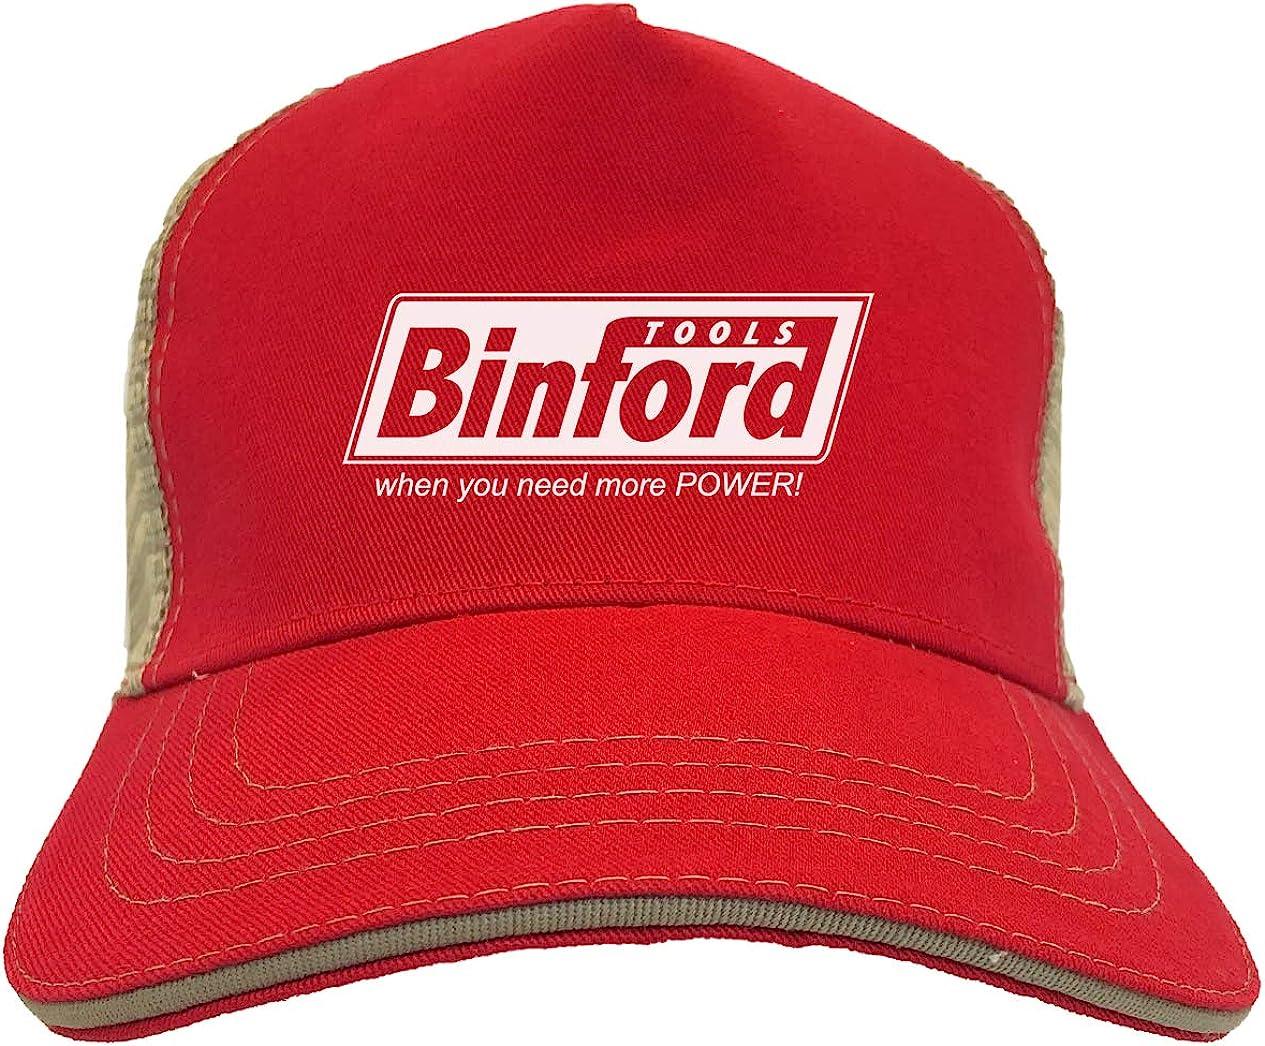 Binford Tools - TV Parody Funny Twill Soft Mesh Trucker Hat